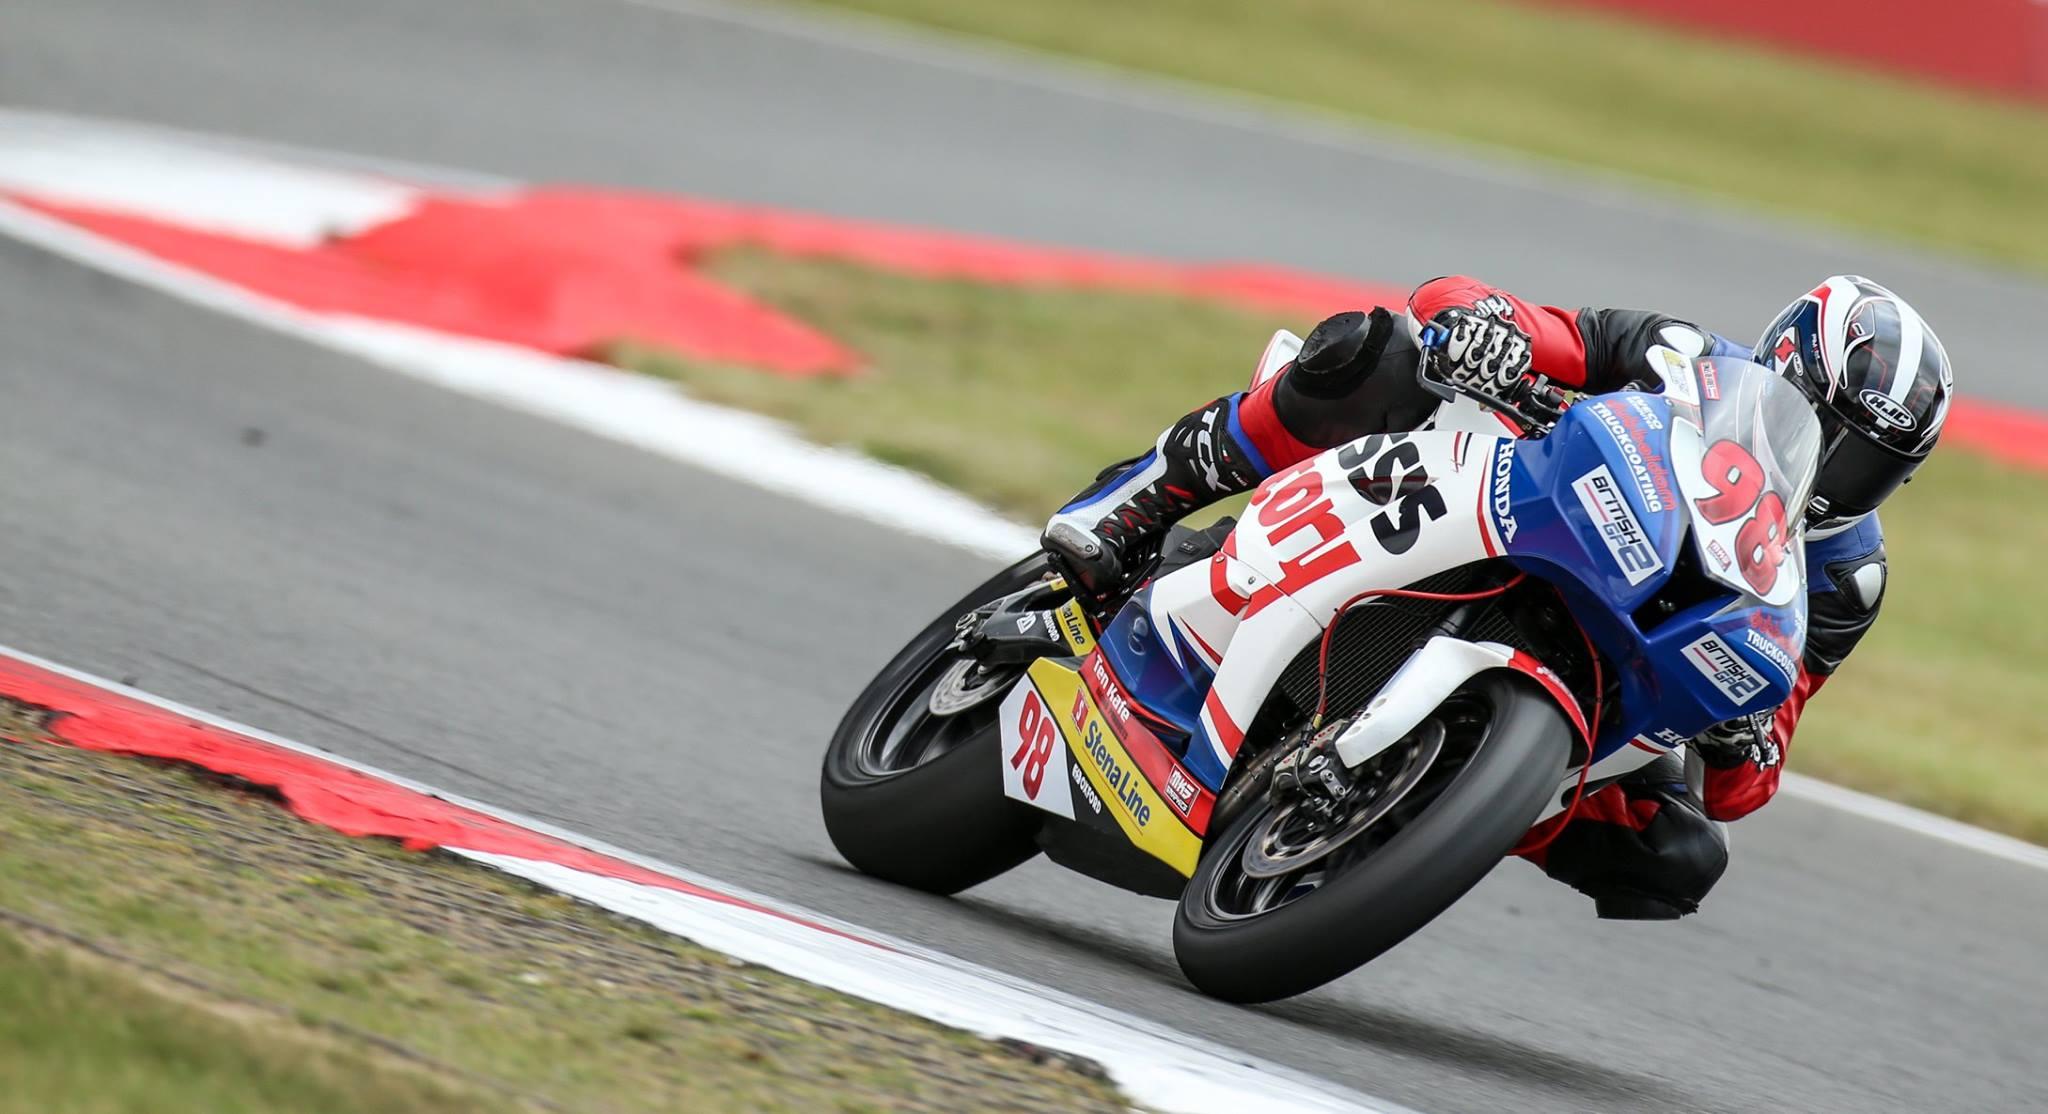 P.C. Raceline Images